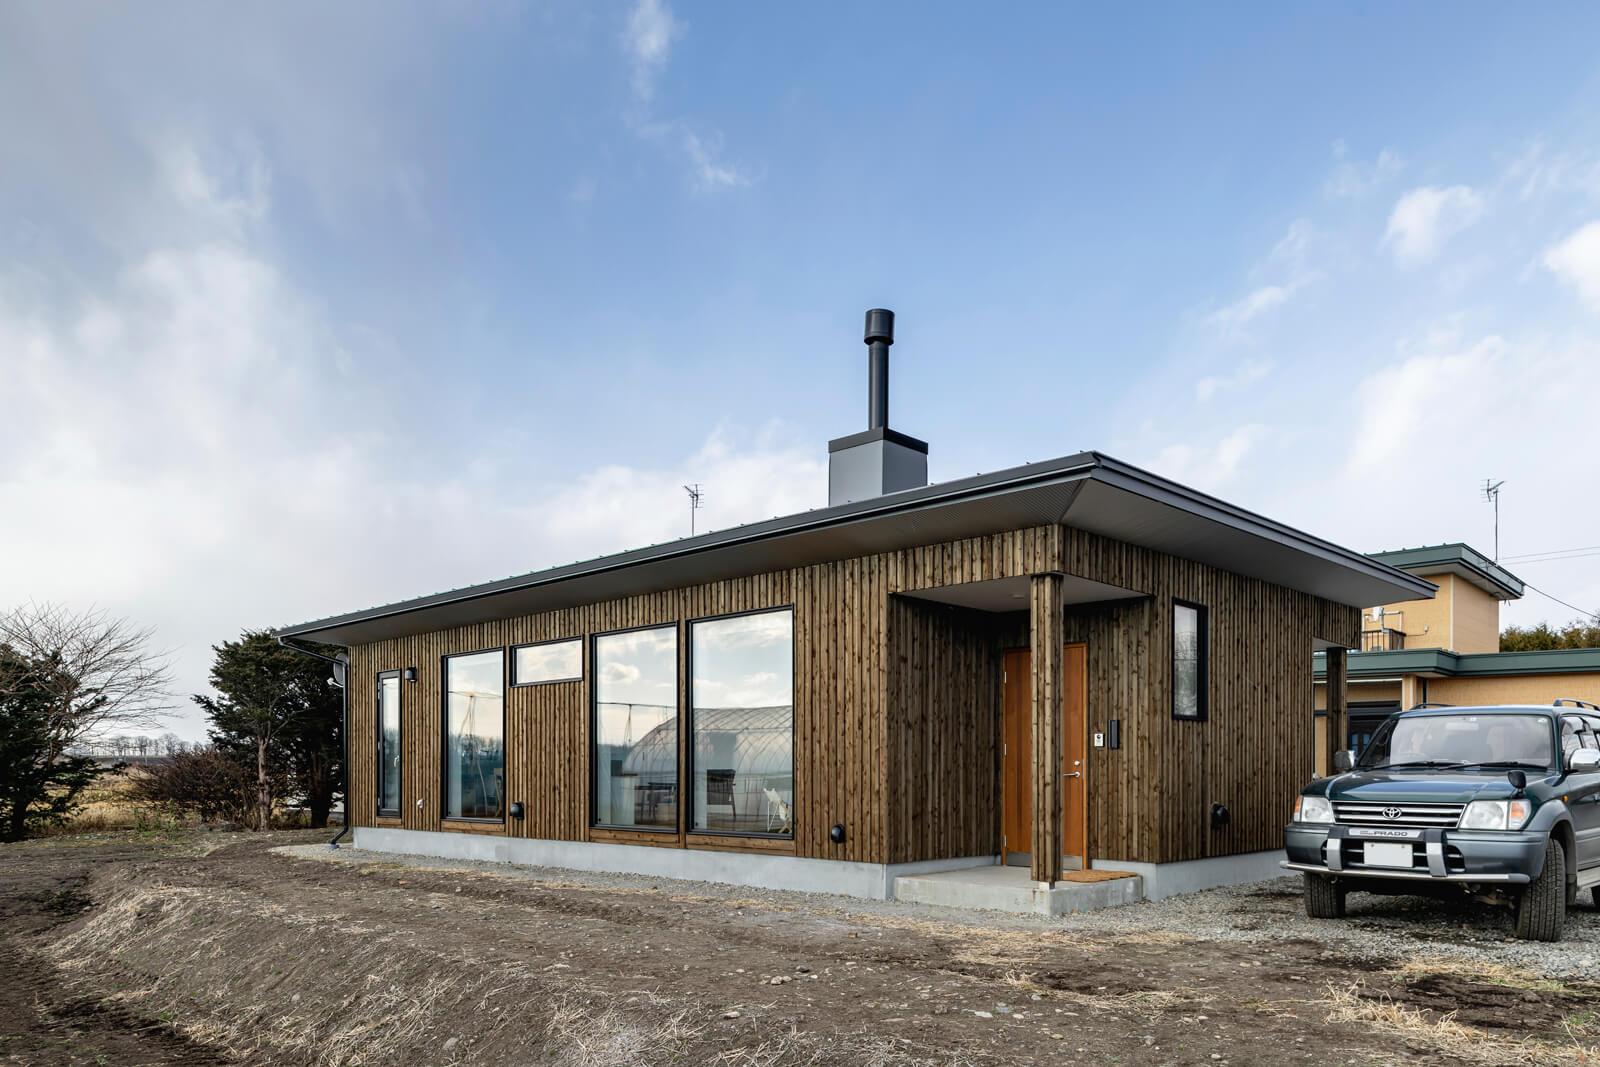 畑のほとりに建つカラマツ板張りの平屋。薪ストーブの煙突と大開口が、直線的なフォルムのアクセントになっている